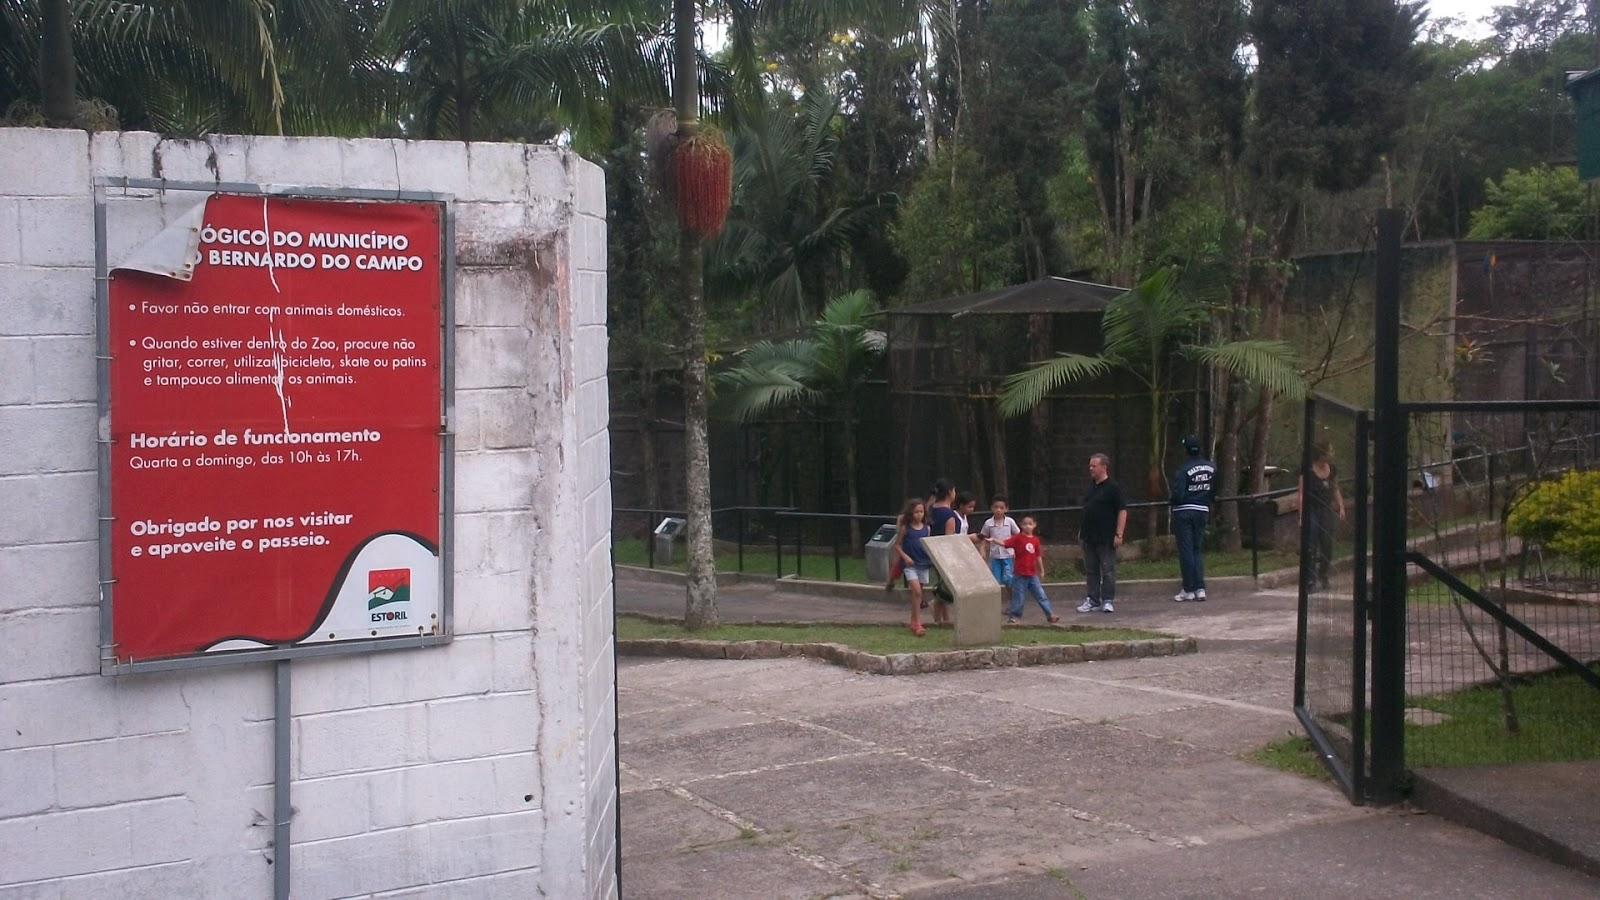 : Brasil São Bernardo do Campo Parque Estoril 18km #8C3238 1600x900